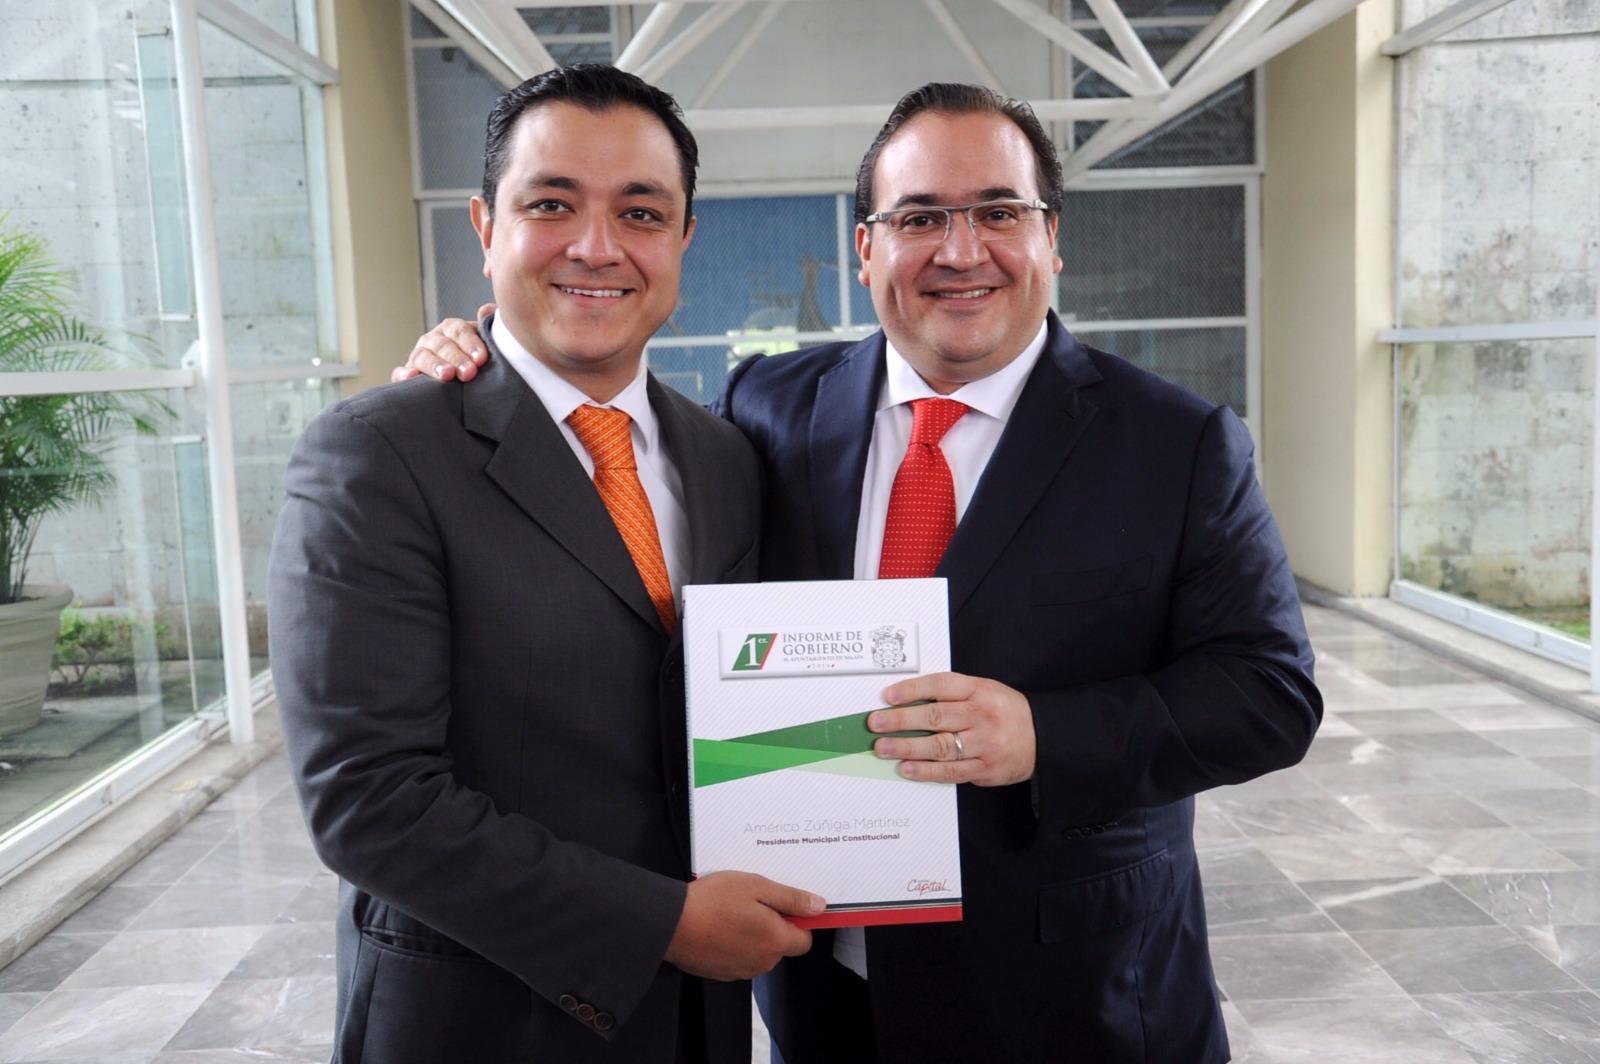 Detención de Javier Duarte, un acto de justicia: Américo Zúñiga